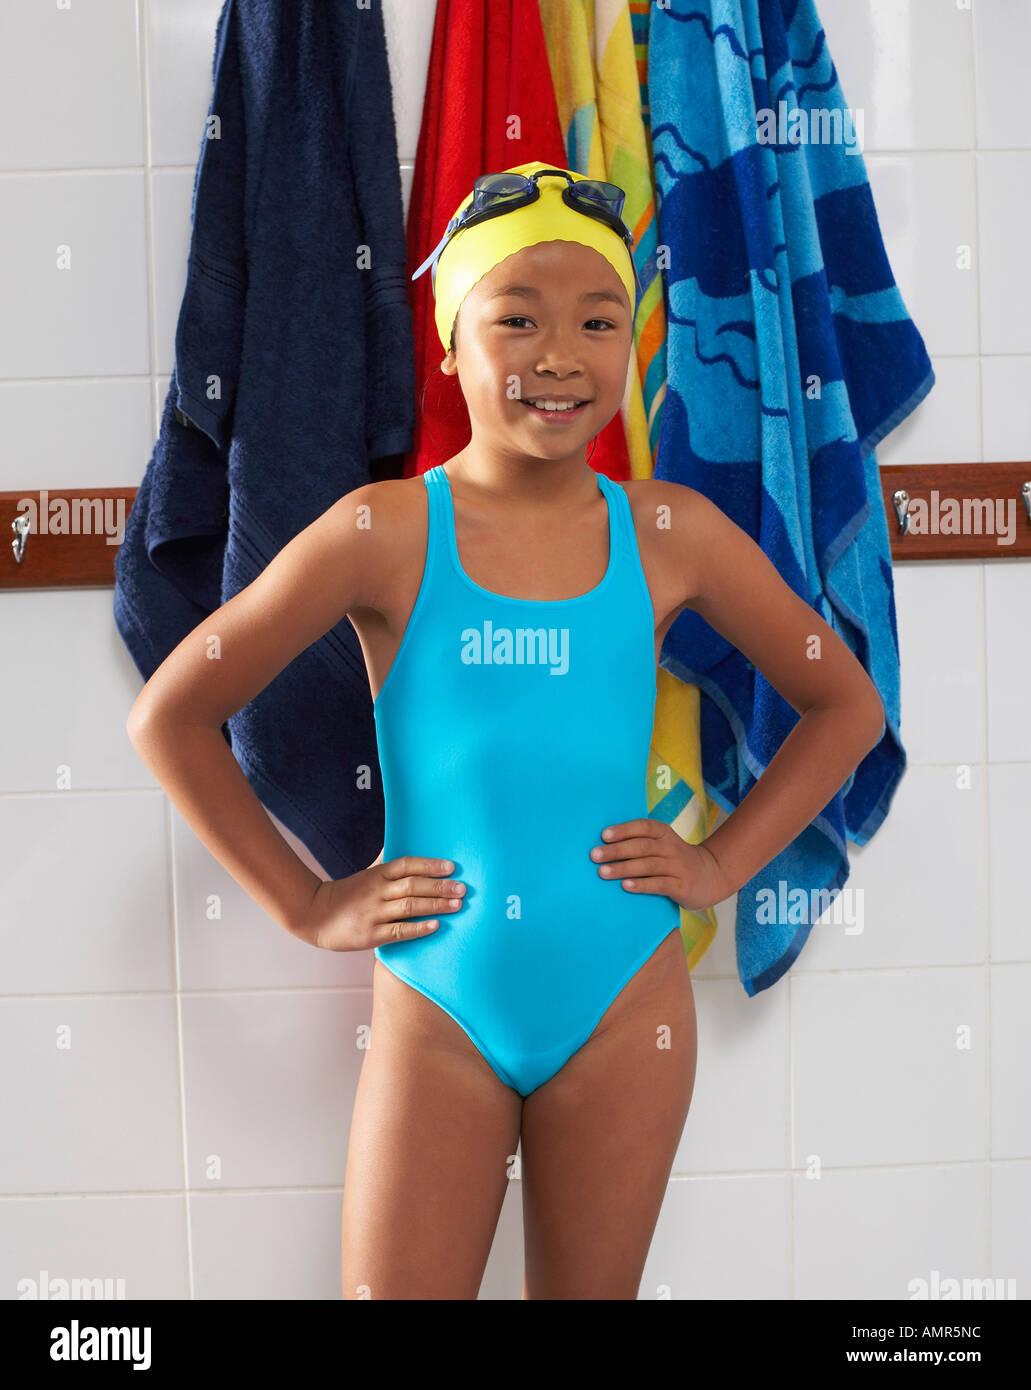 10 10 Year Old Girl Swimming Stockfotos und  bilder Kaufen   Alamy